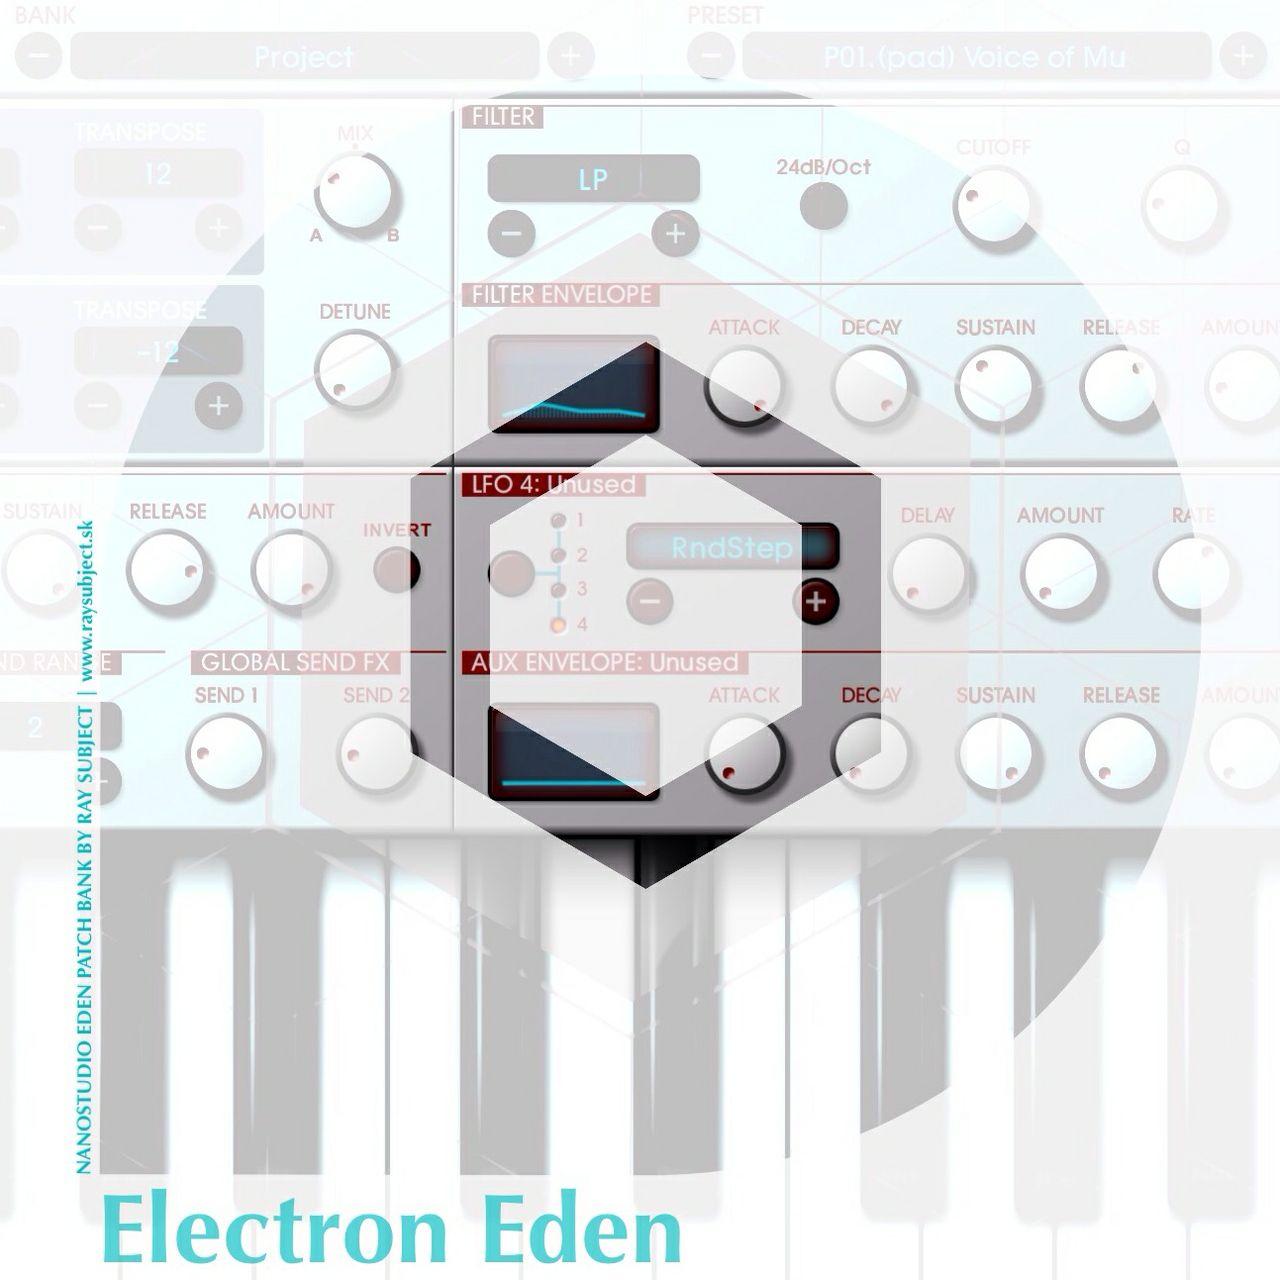 Electron Eden